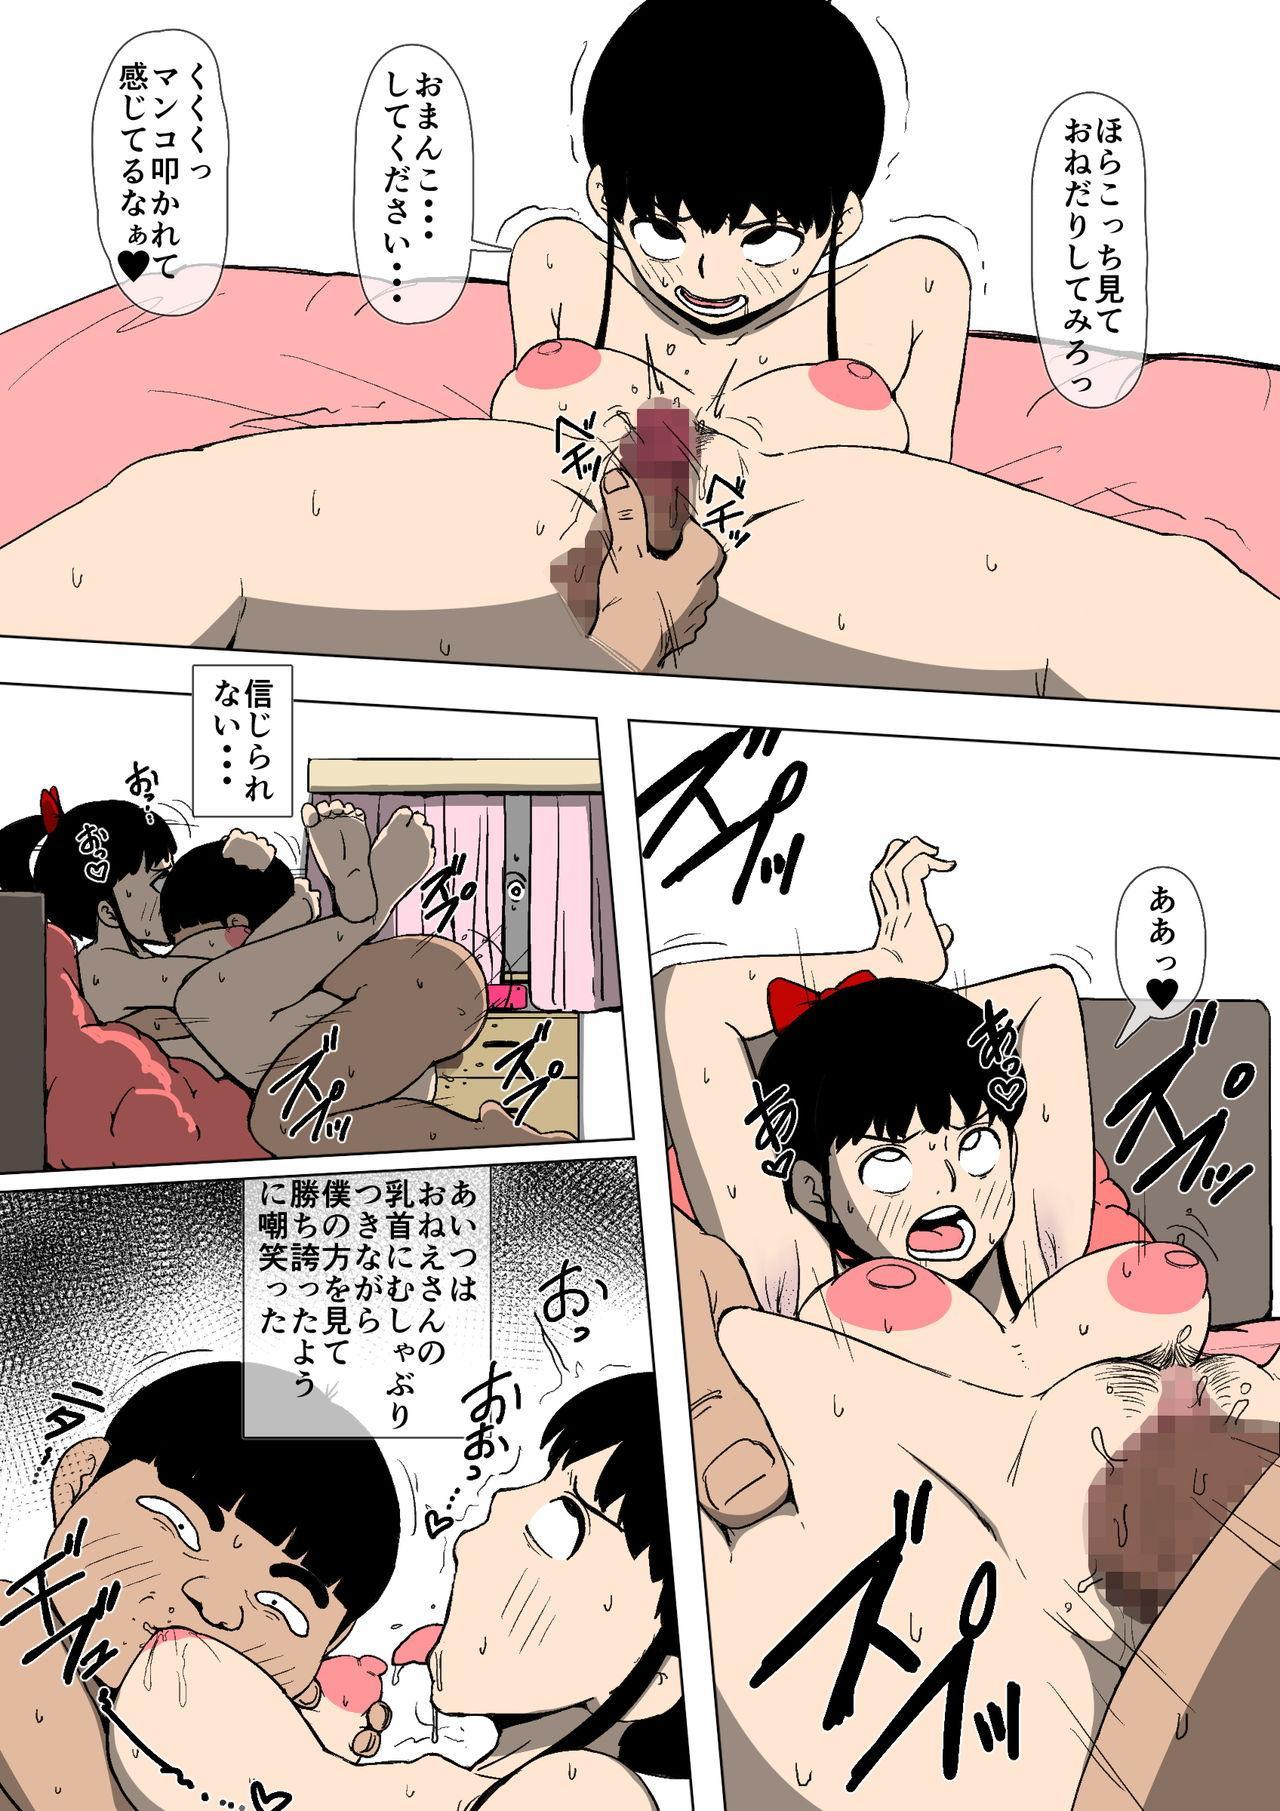 Akogare no Onee-san to Aitsu ga Tsukiatte Ita 13